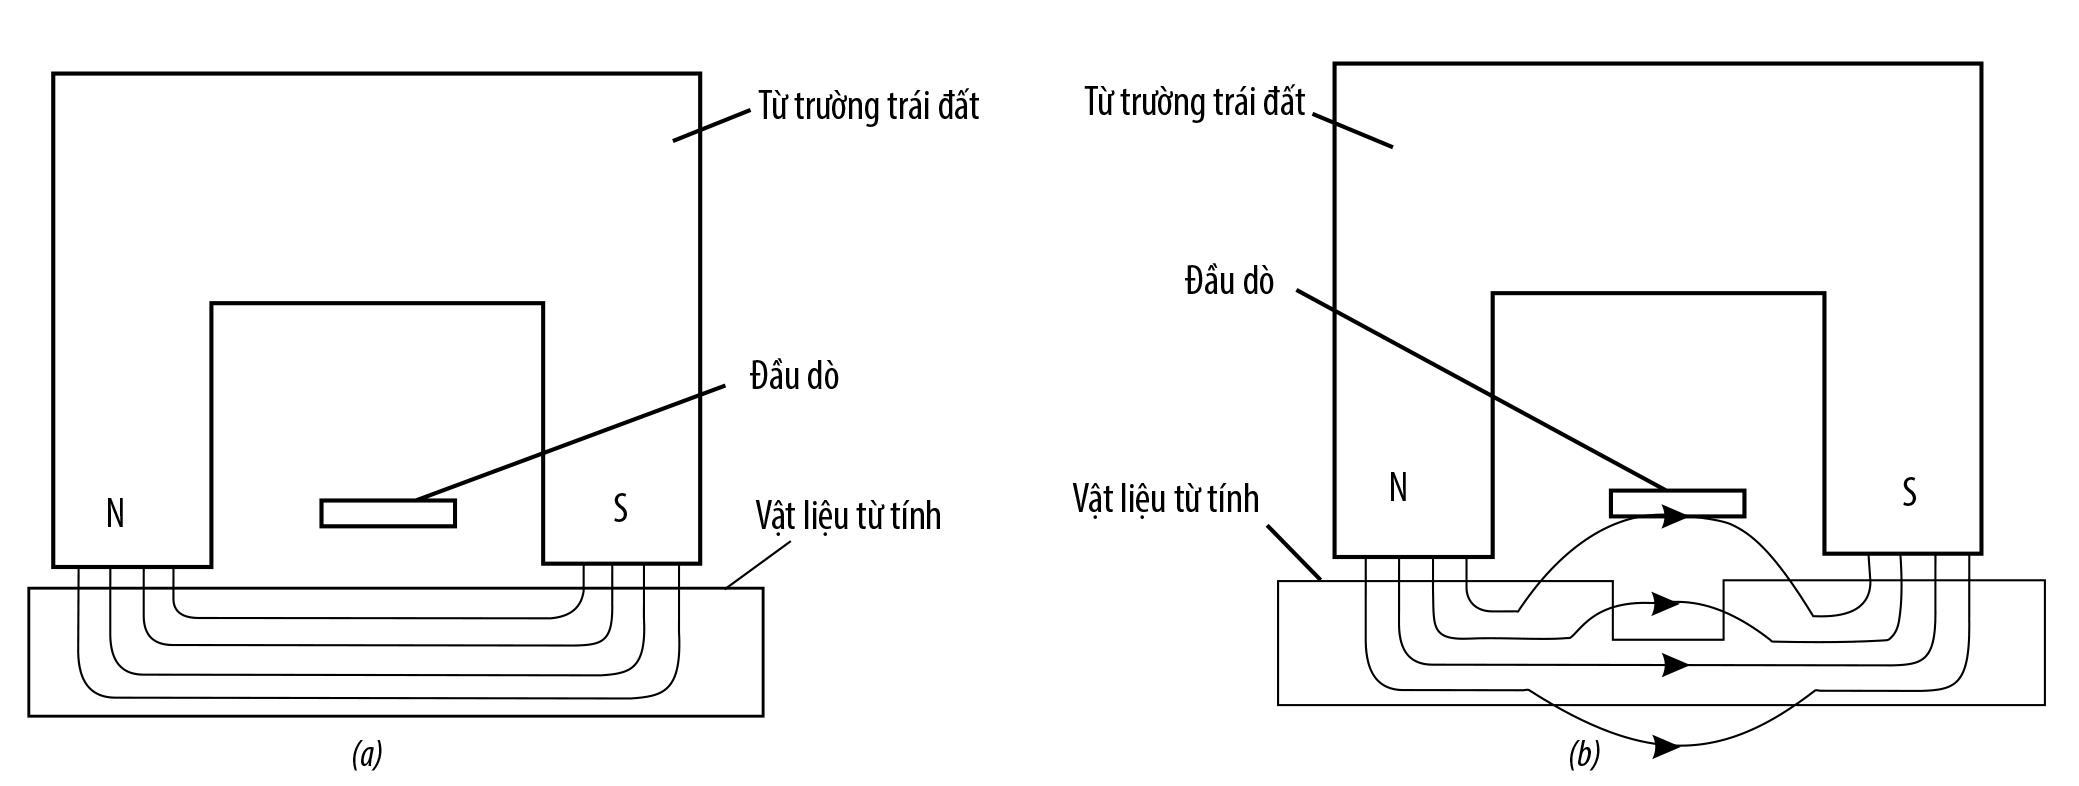 Hình 2. Hình ảnh từ thông của vật liệu từ tính trong từ trường đều (a) khi không xuất hiện khuyết tật và (b) khi xuất hiện khuyết tật